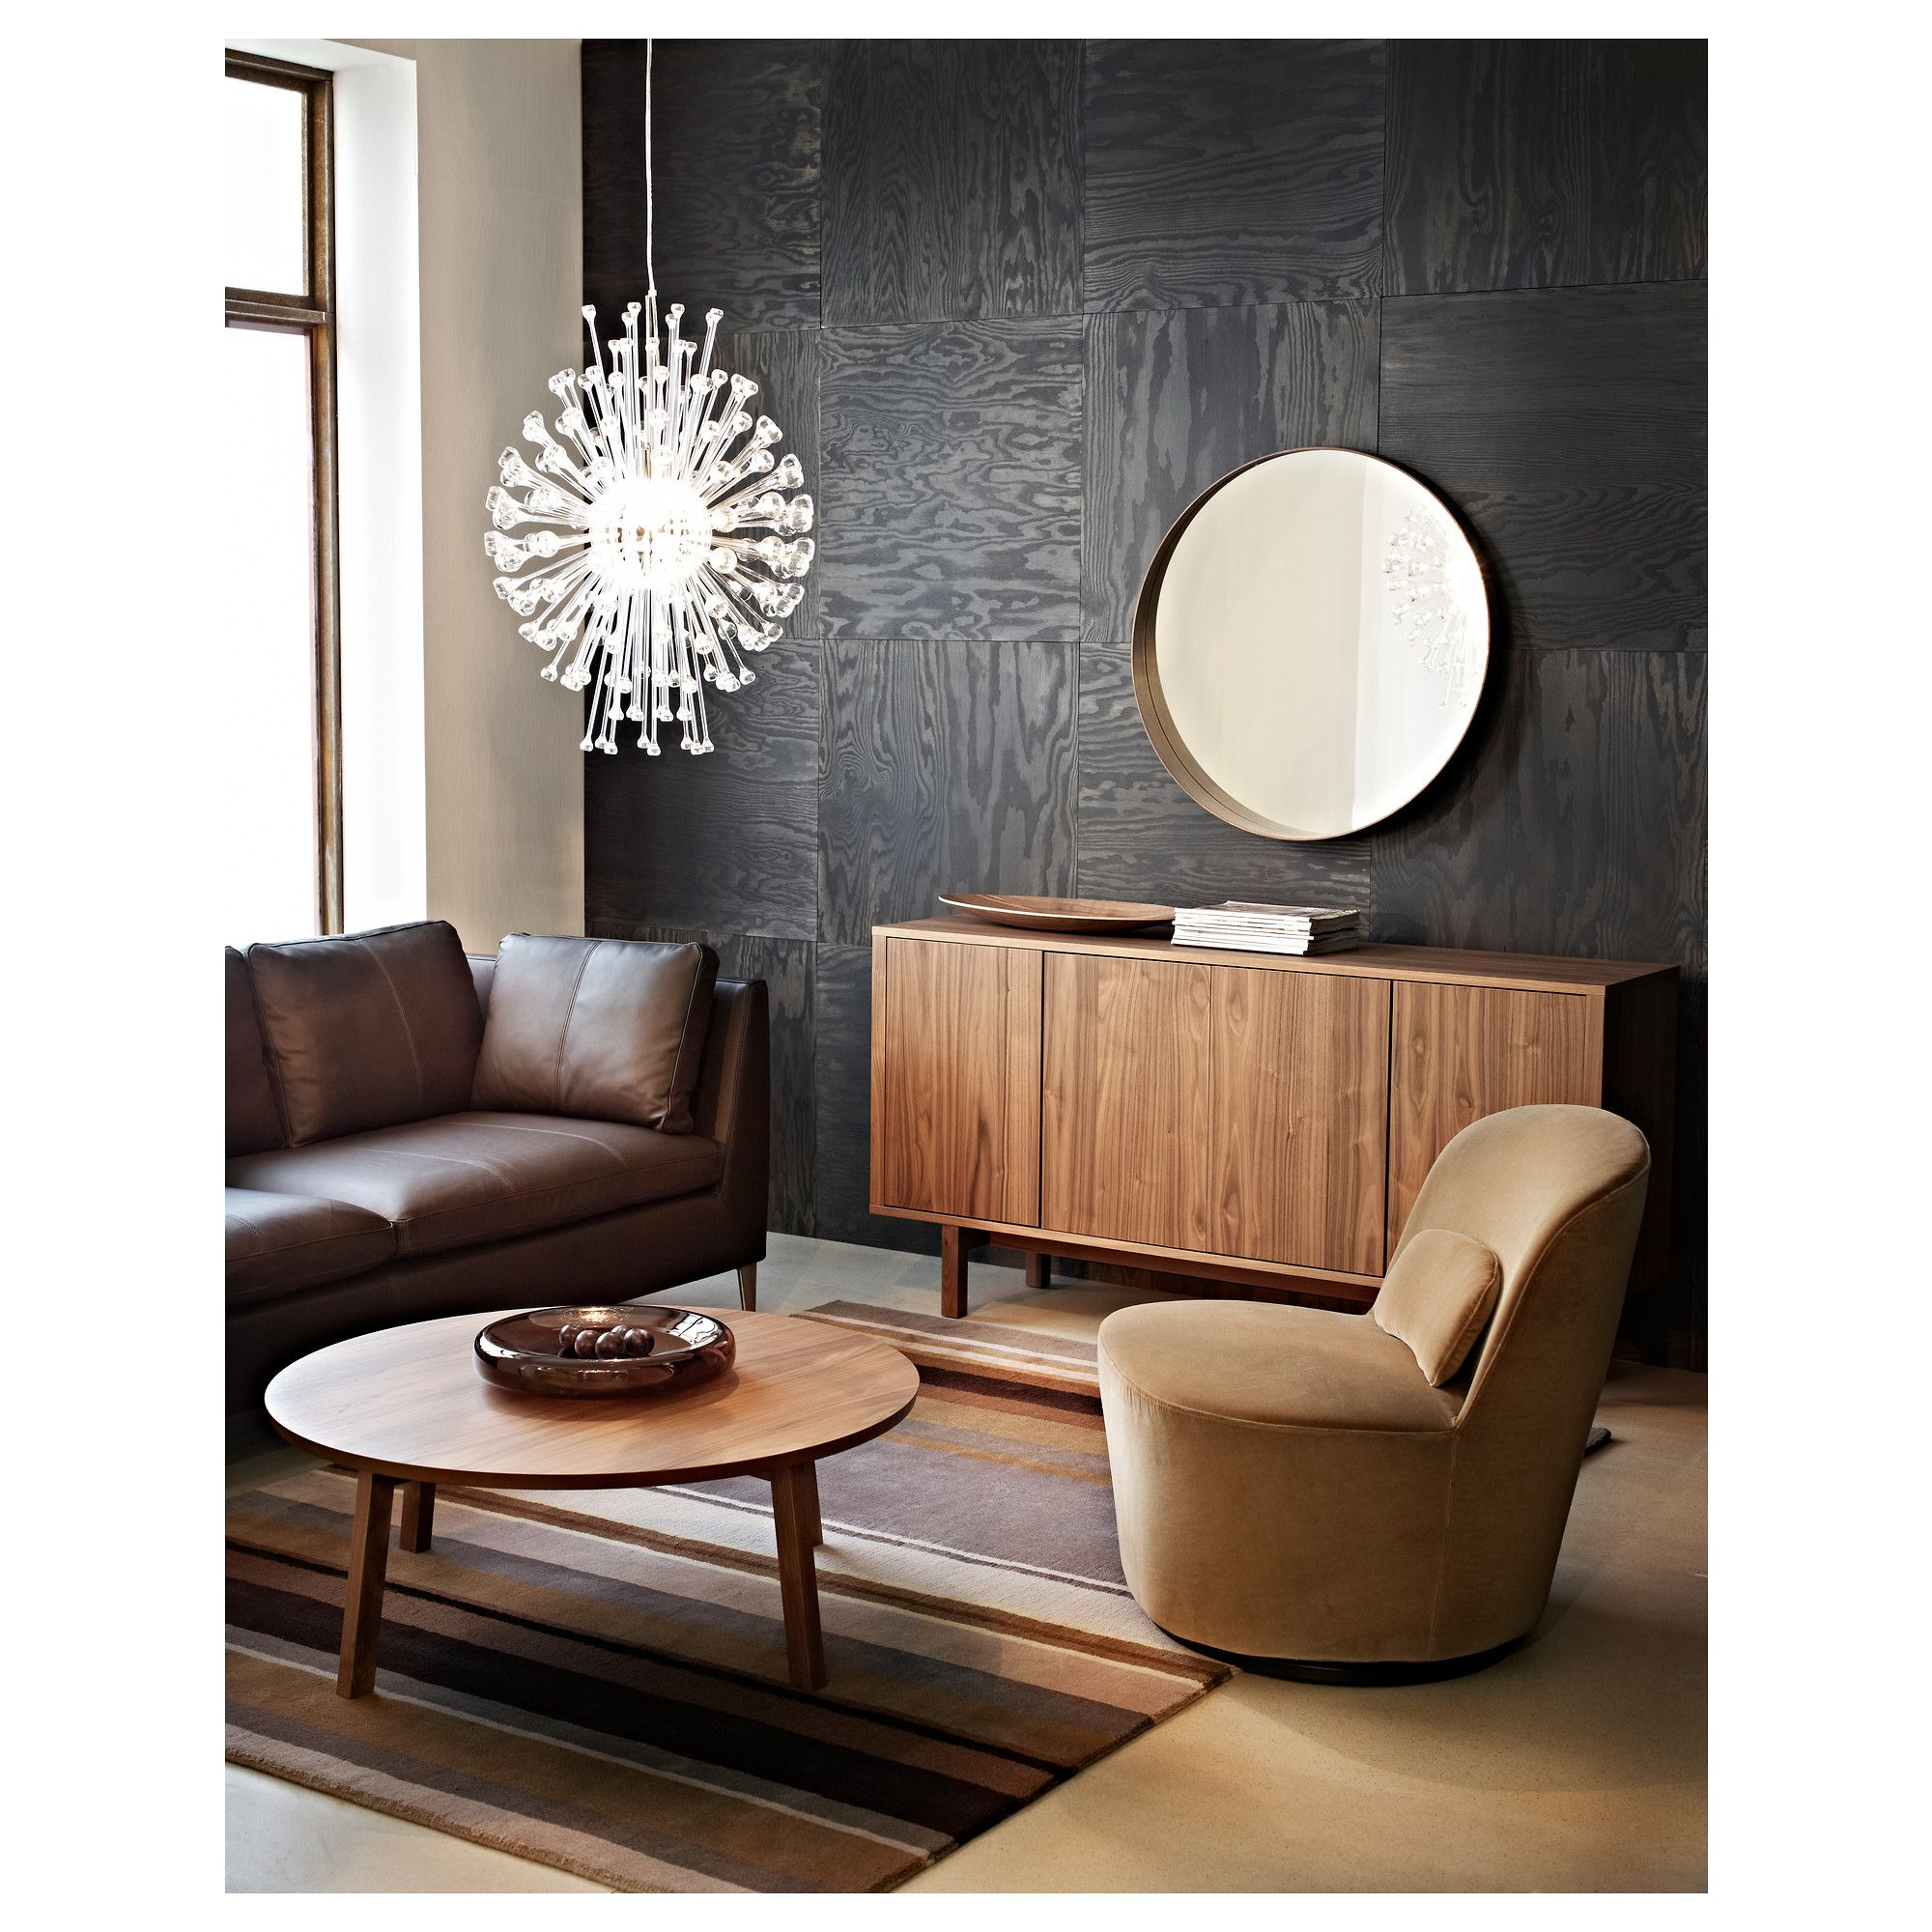 STOCKHOLM килим, къса нишка, 170x240 см, кафяво - IKEA ...